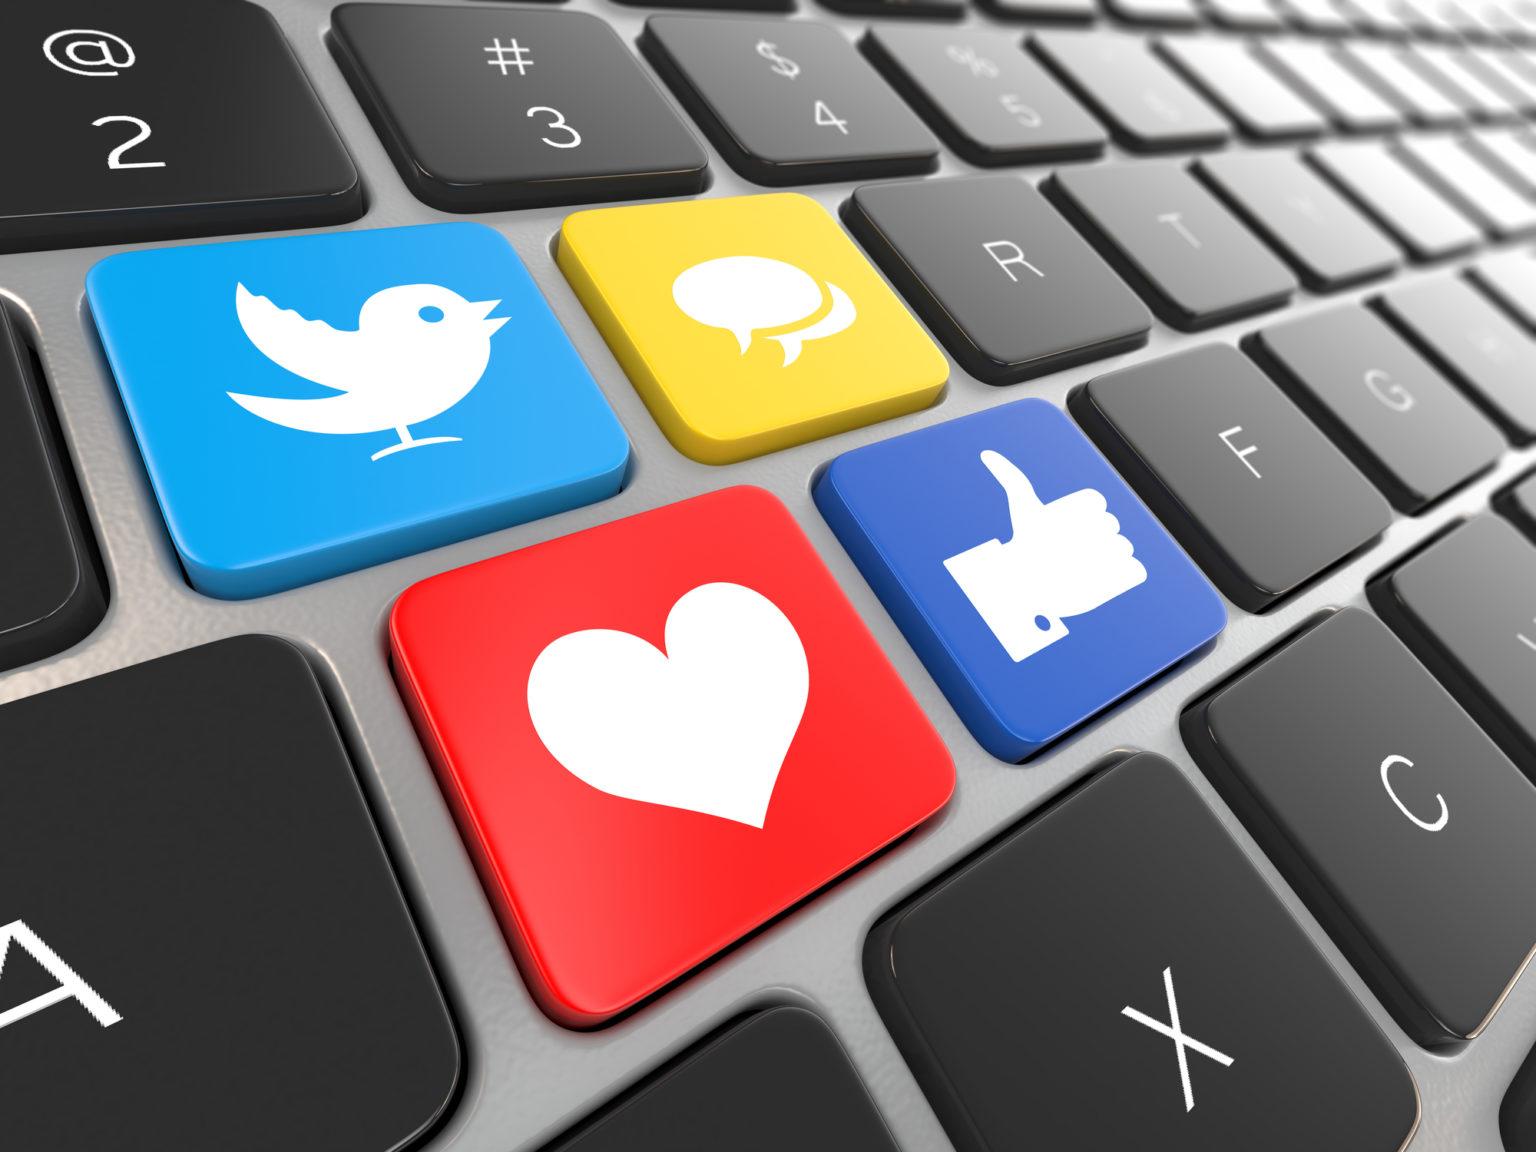 لزوم فعالیت در شبکه های اجتماعی